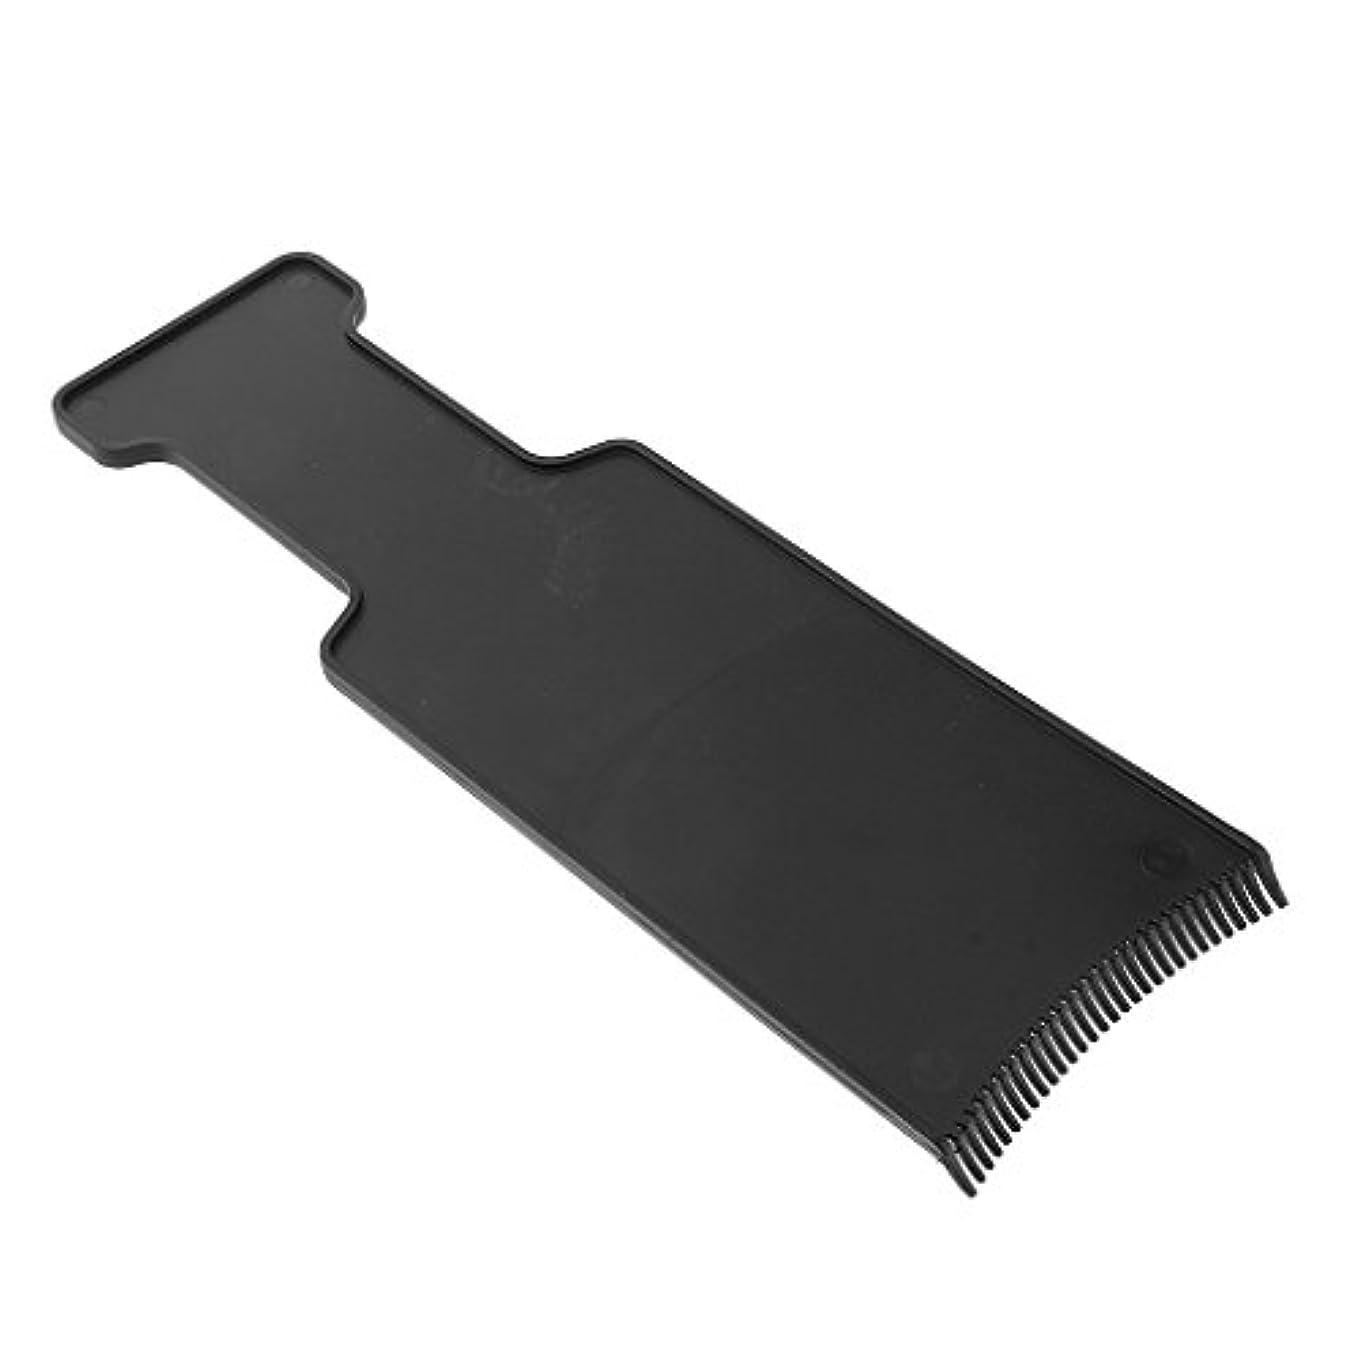 肘掛け椅子傭兵素朴なサロン ヘアカラー ボード ヘアカラーティント 美容 ヘア ツール 髪 保護 ブラック 全4サイズ - M